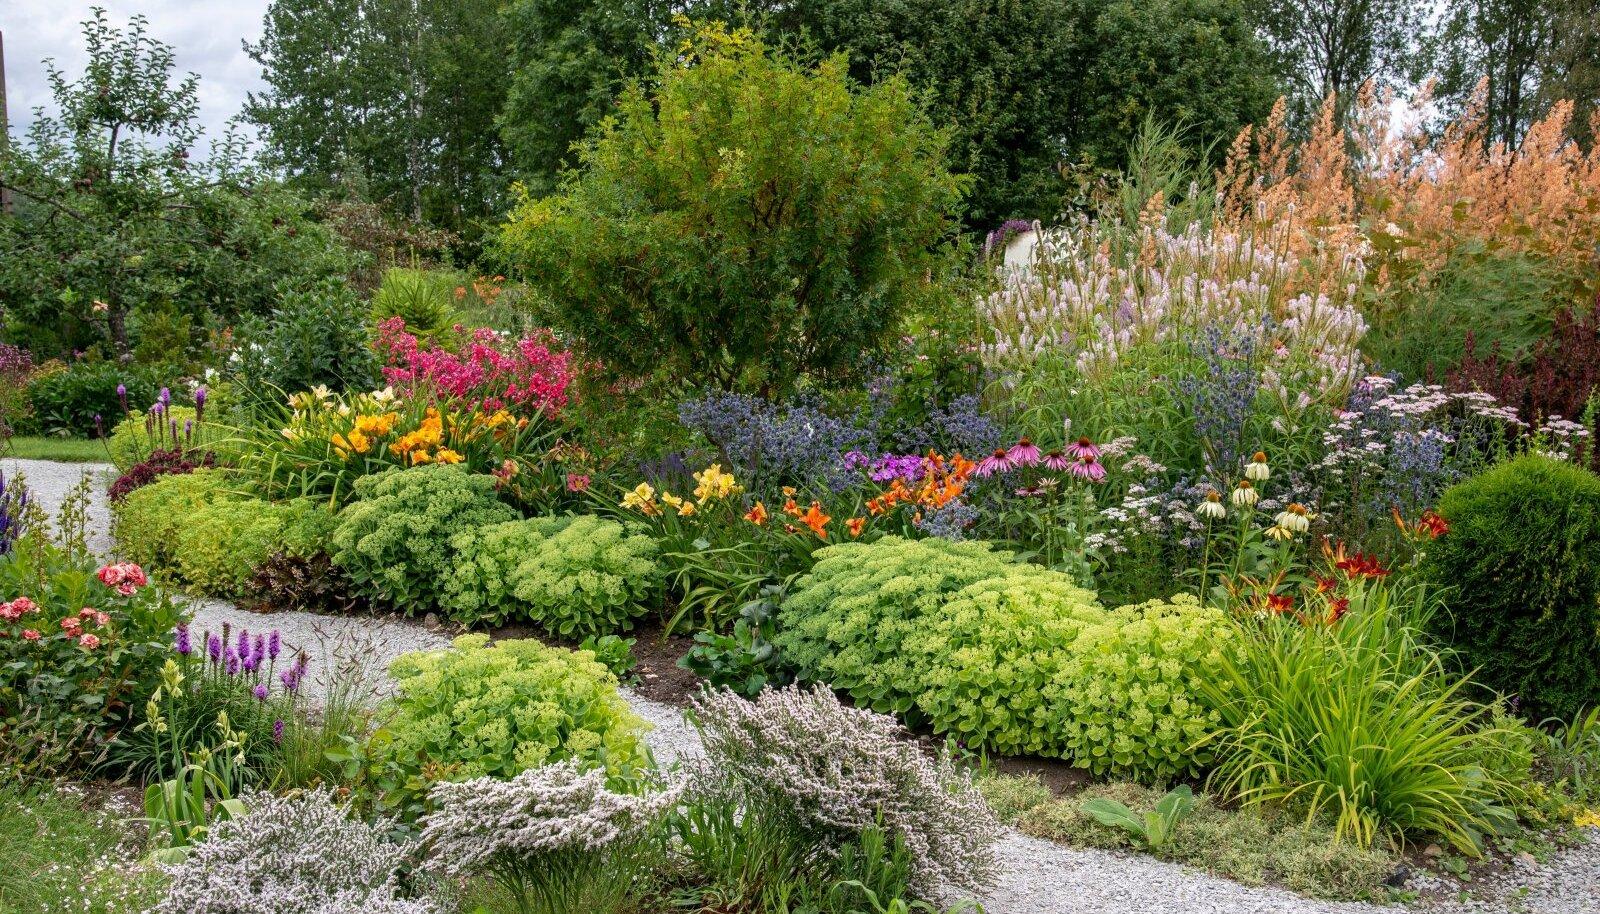 Jelene armastab tihedat istutust ja looklevaid peenraservi. Nii saab aeda kujundada palju väikseid radu ja salasoppe.